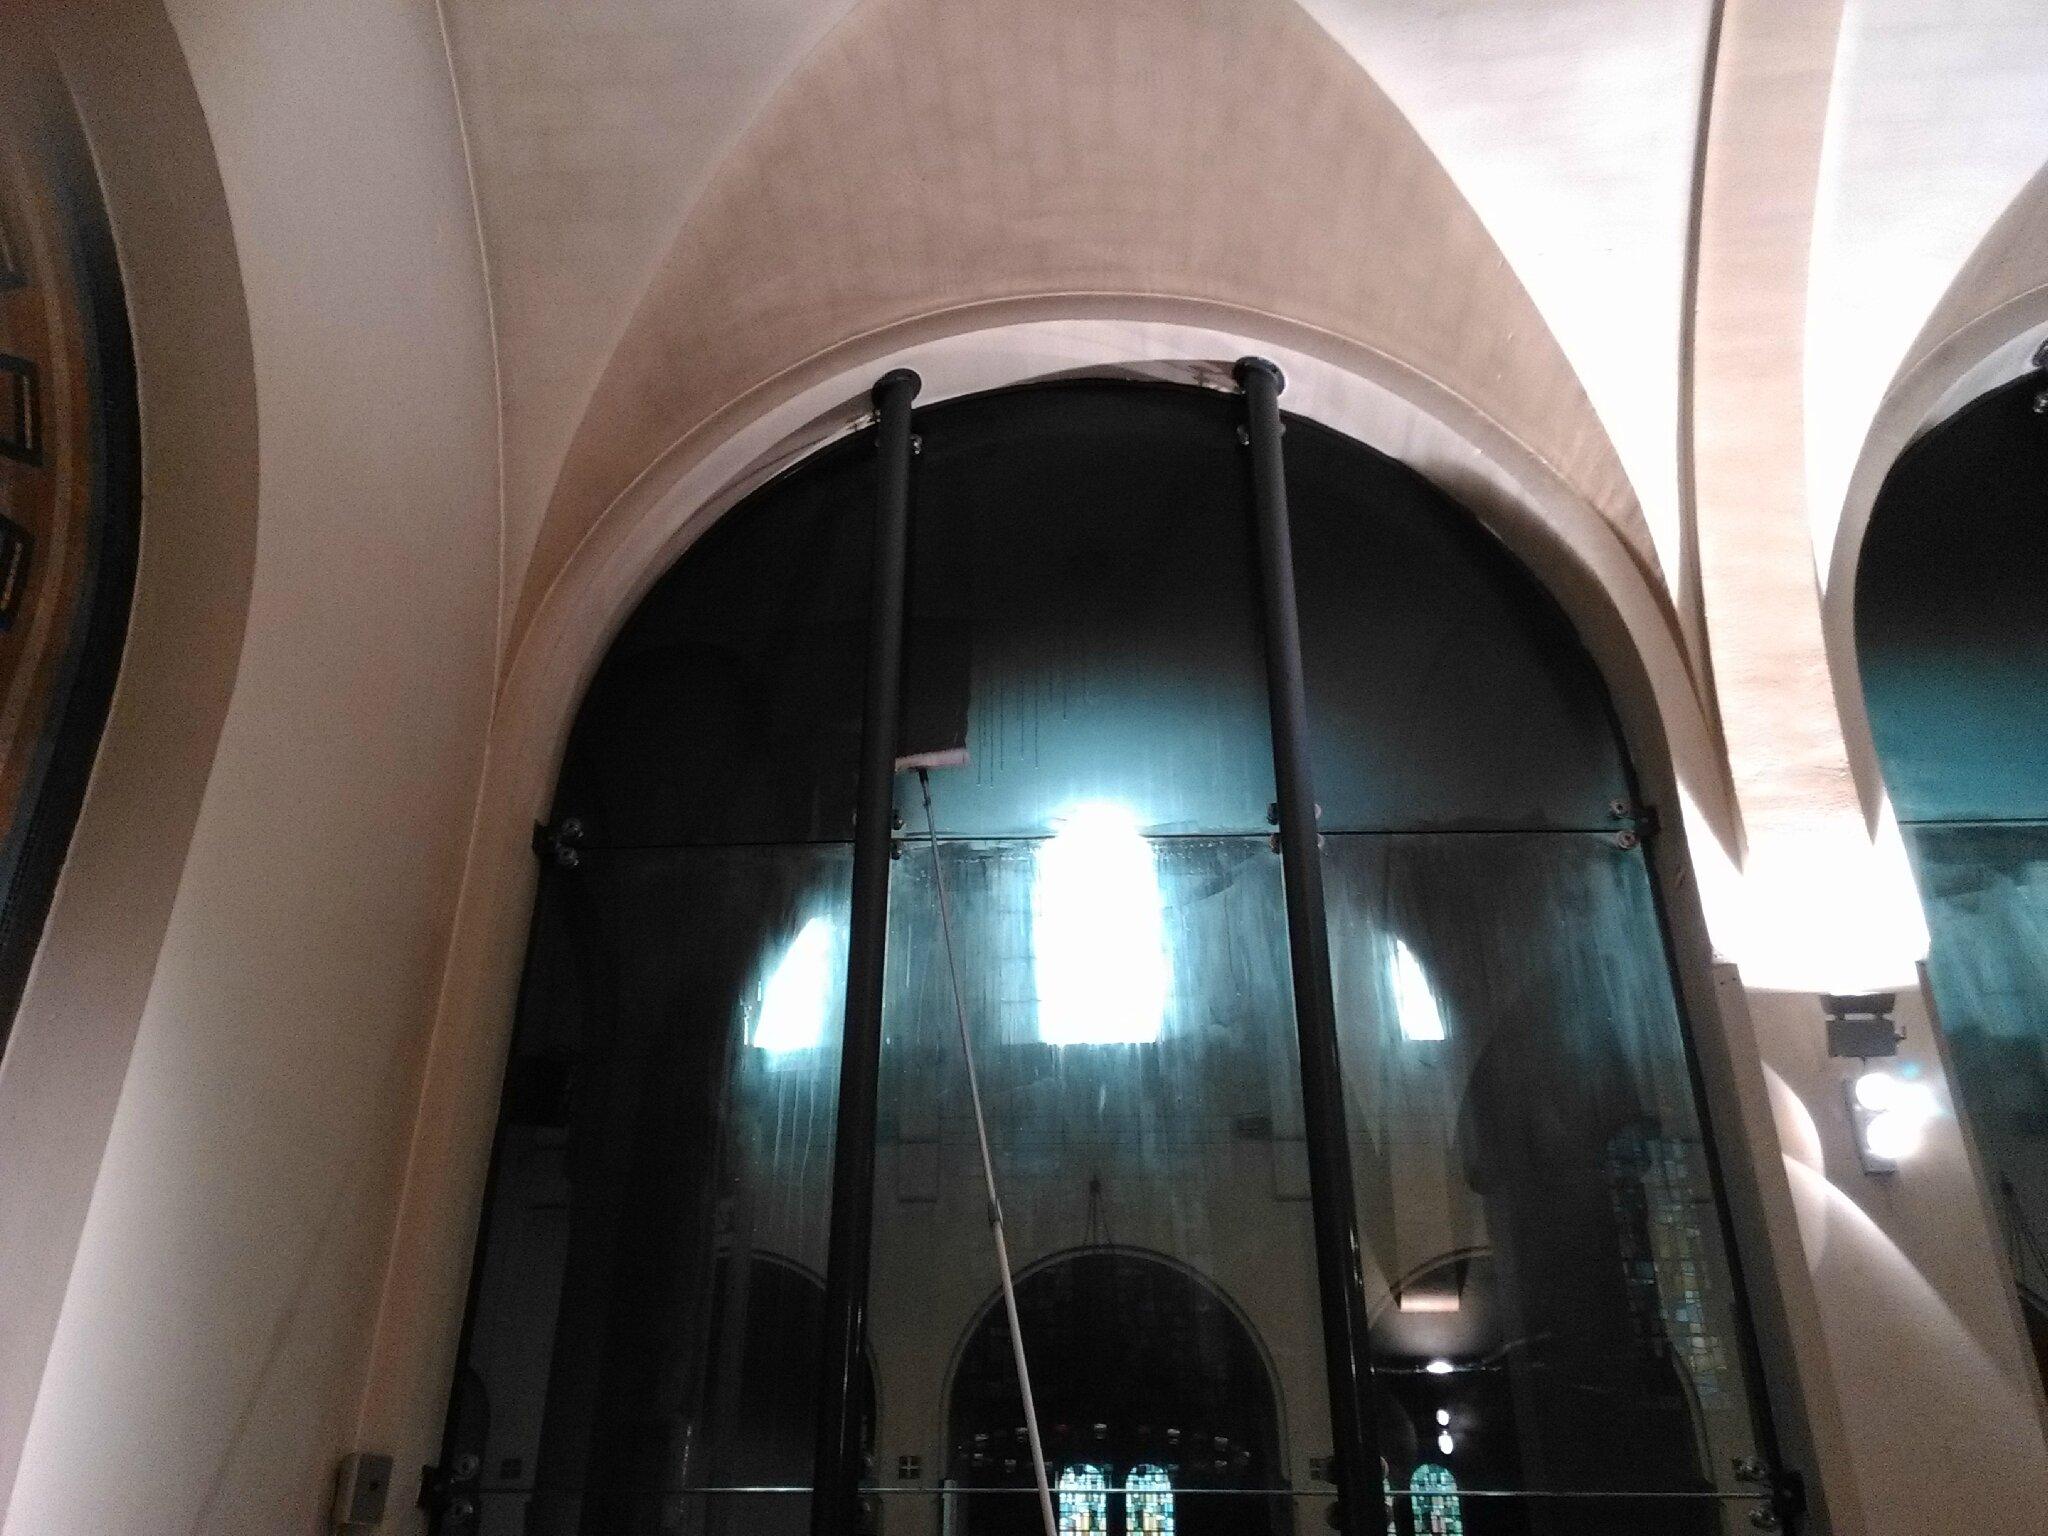 Nettoyer Volet Roulant Vitre Fixe nettoyer des vitres de plus de 5 mètres de hauteur, mission